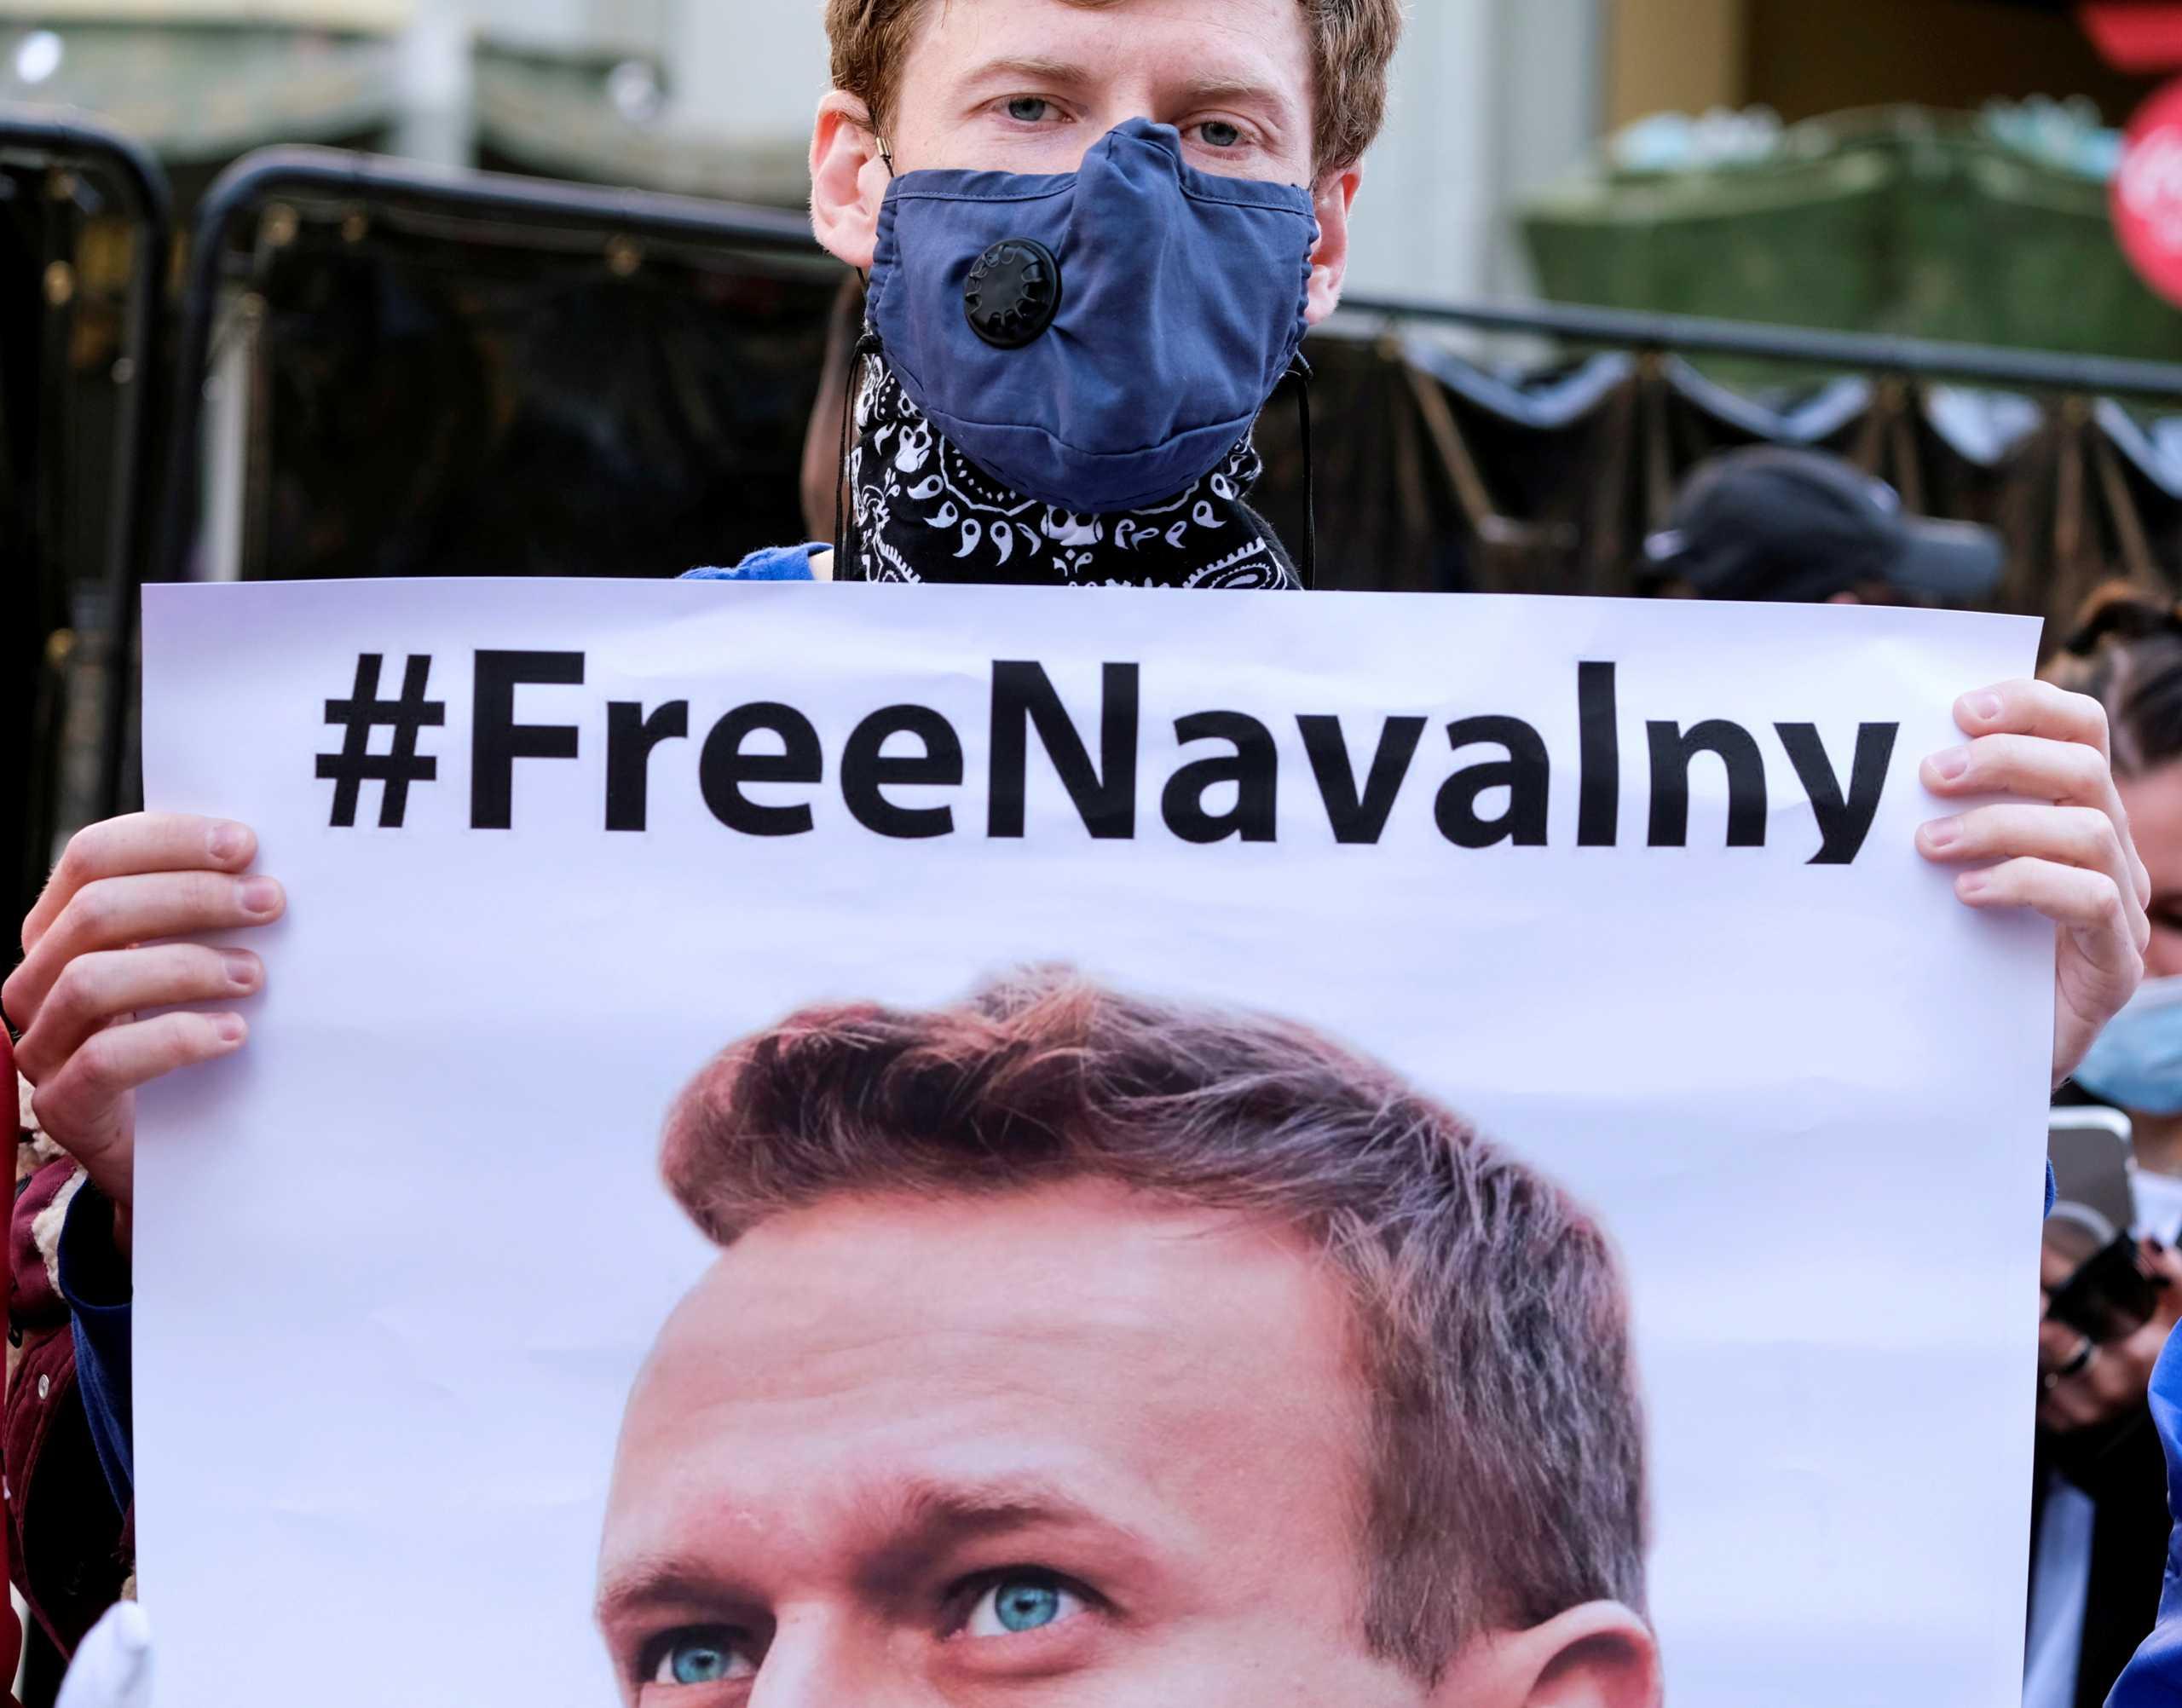 Μόνο σε Ρώσους αξιωματούχους οι κυρώσεις της ΕΕ για τη σύλληψη Ναβάλνι